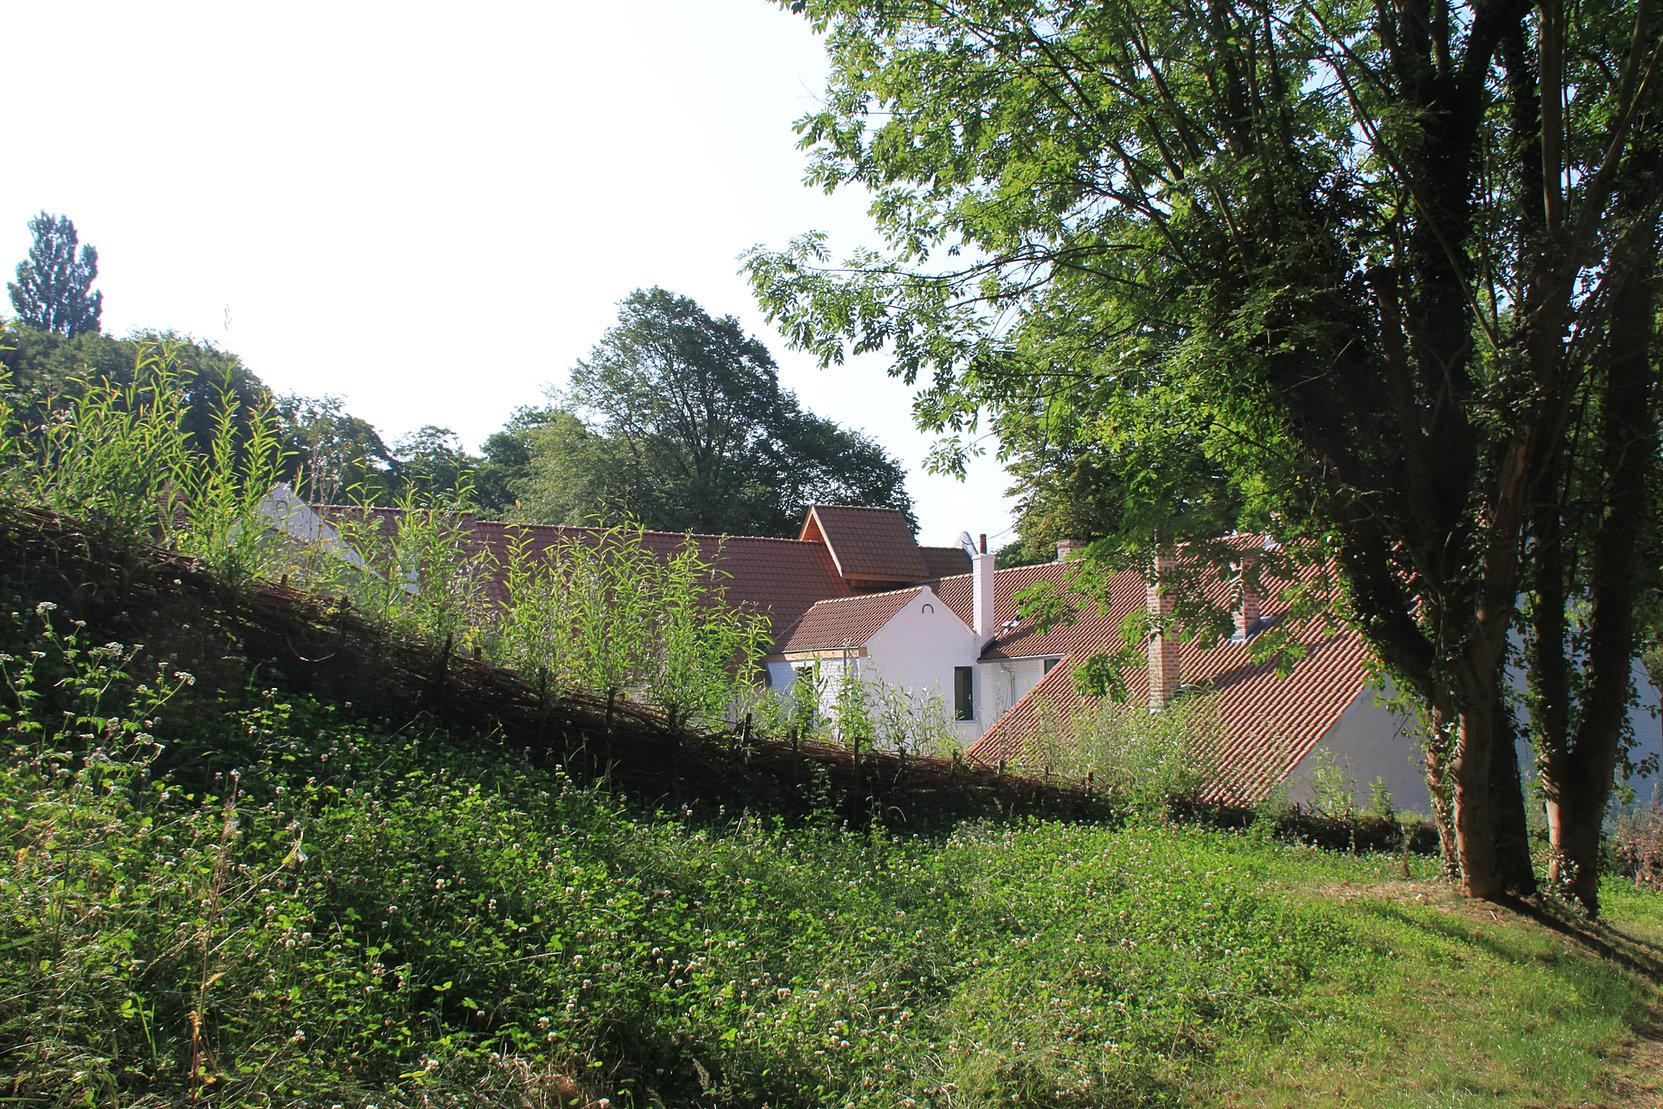 Le moulin du nekkersgat location de salle bruxelles for Bd du jardin botanique 50 bruxelles